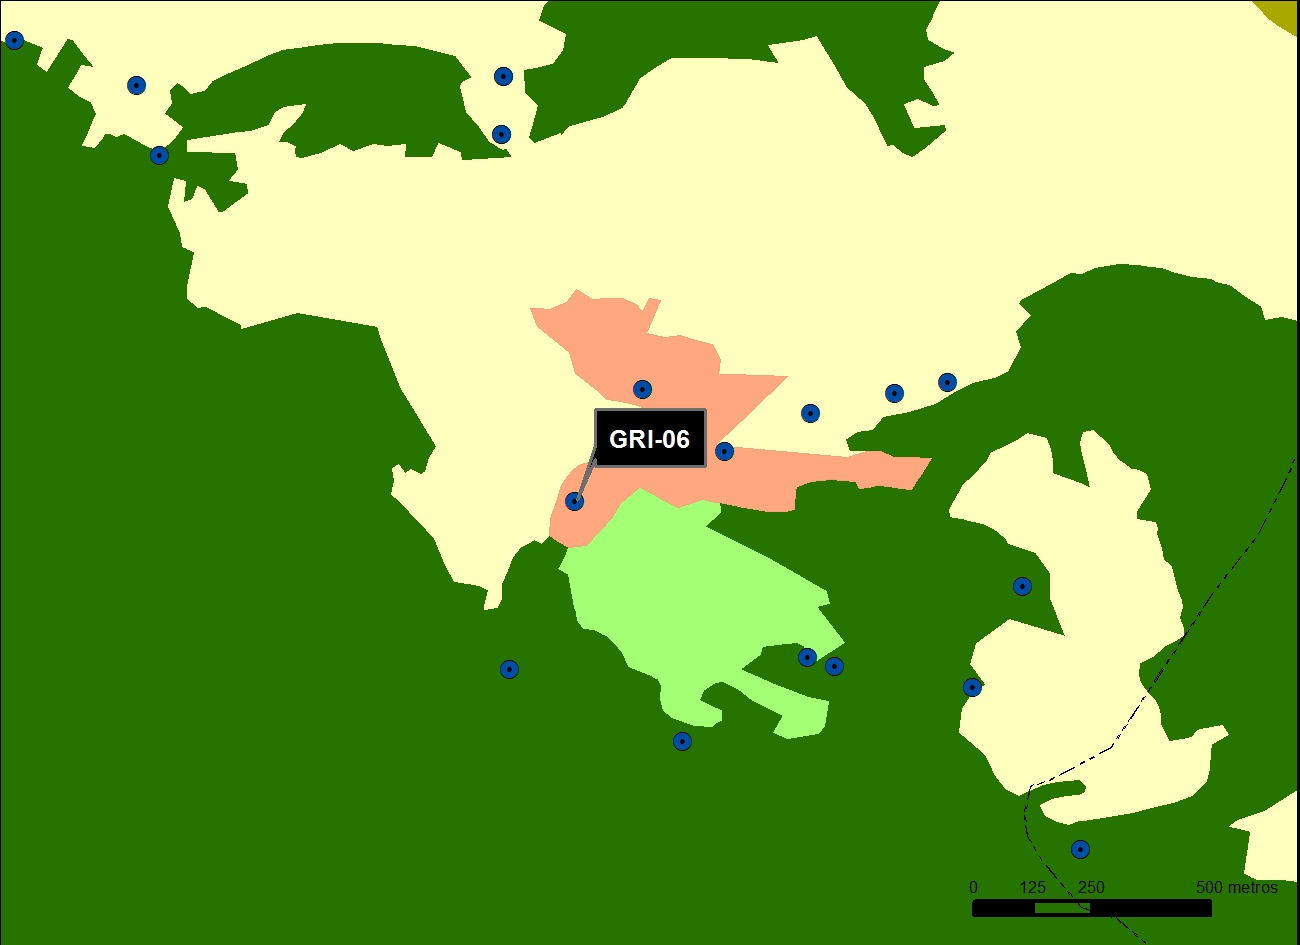 GRI_06_M.V.LOZANO_PARQUE_MAP.VEG